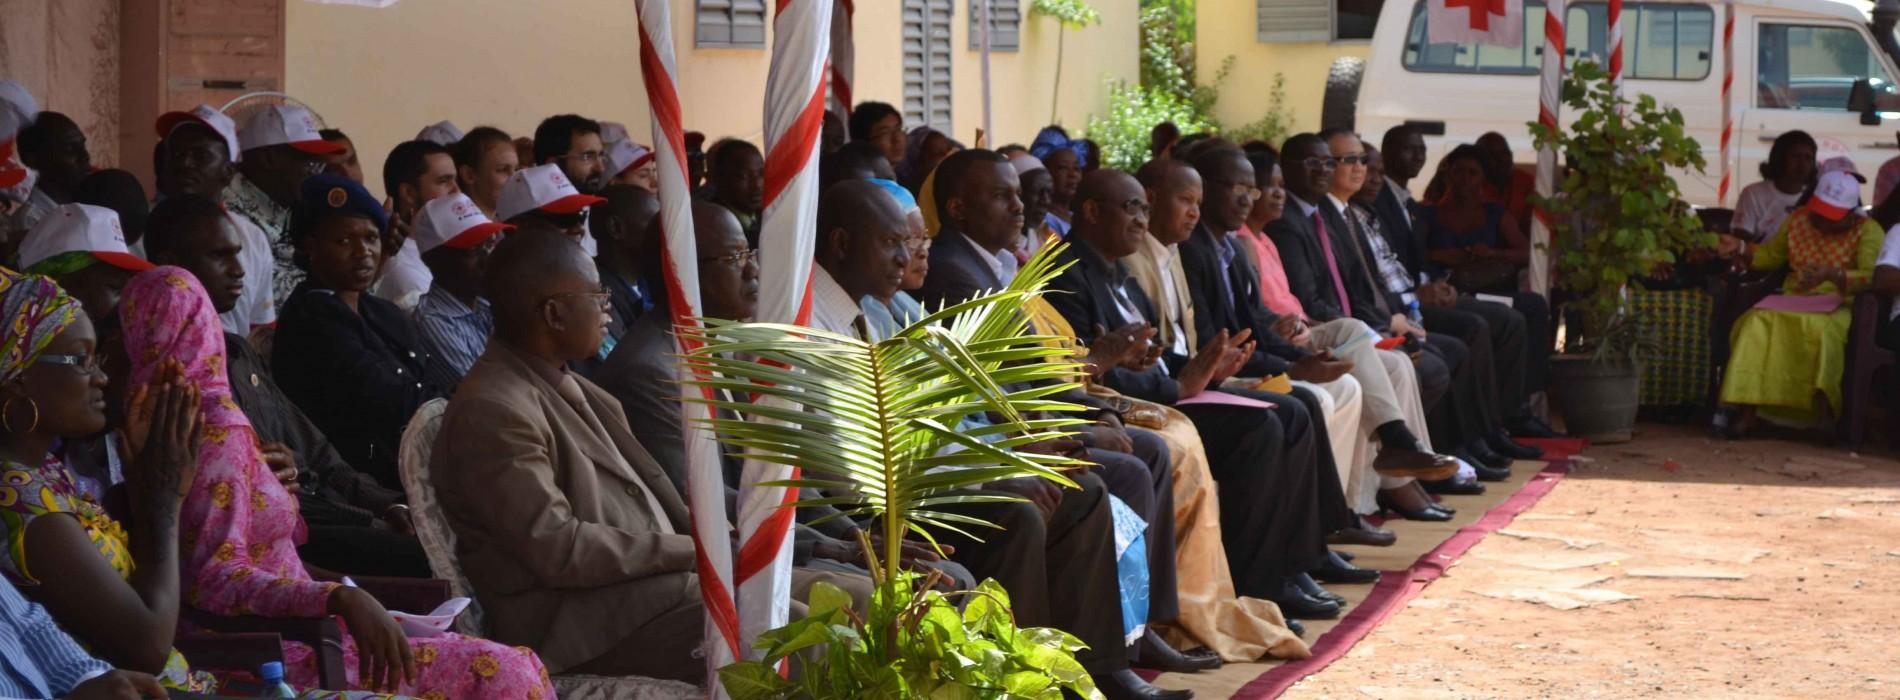 Journée mondiale de la Croix-Rouge et du Croissant-Rouge : la Croix-Rouge malienne réitère son engagement pour la paix et la solidarité  au Mali